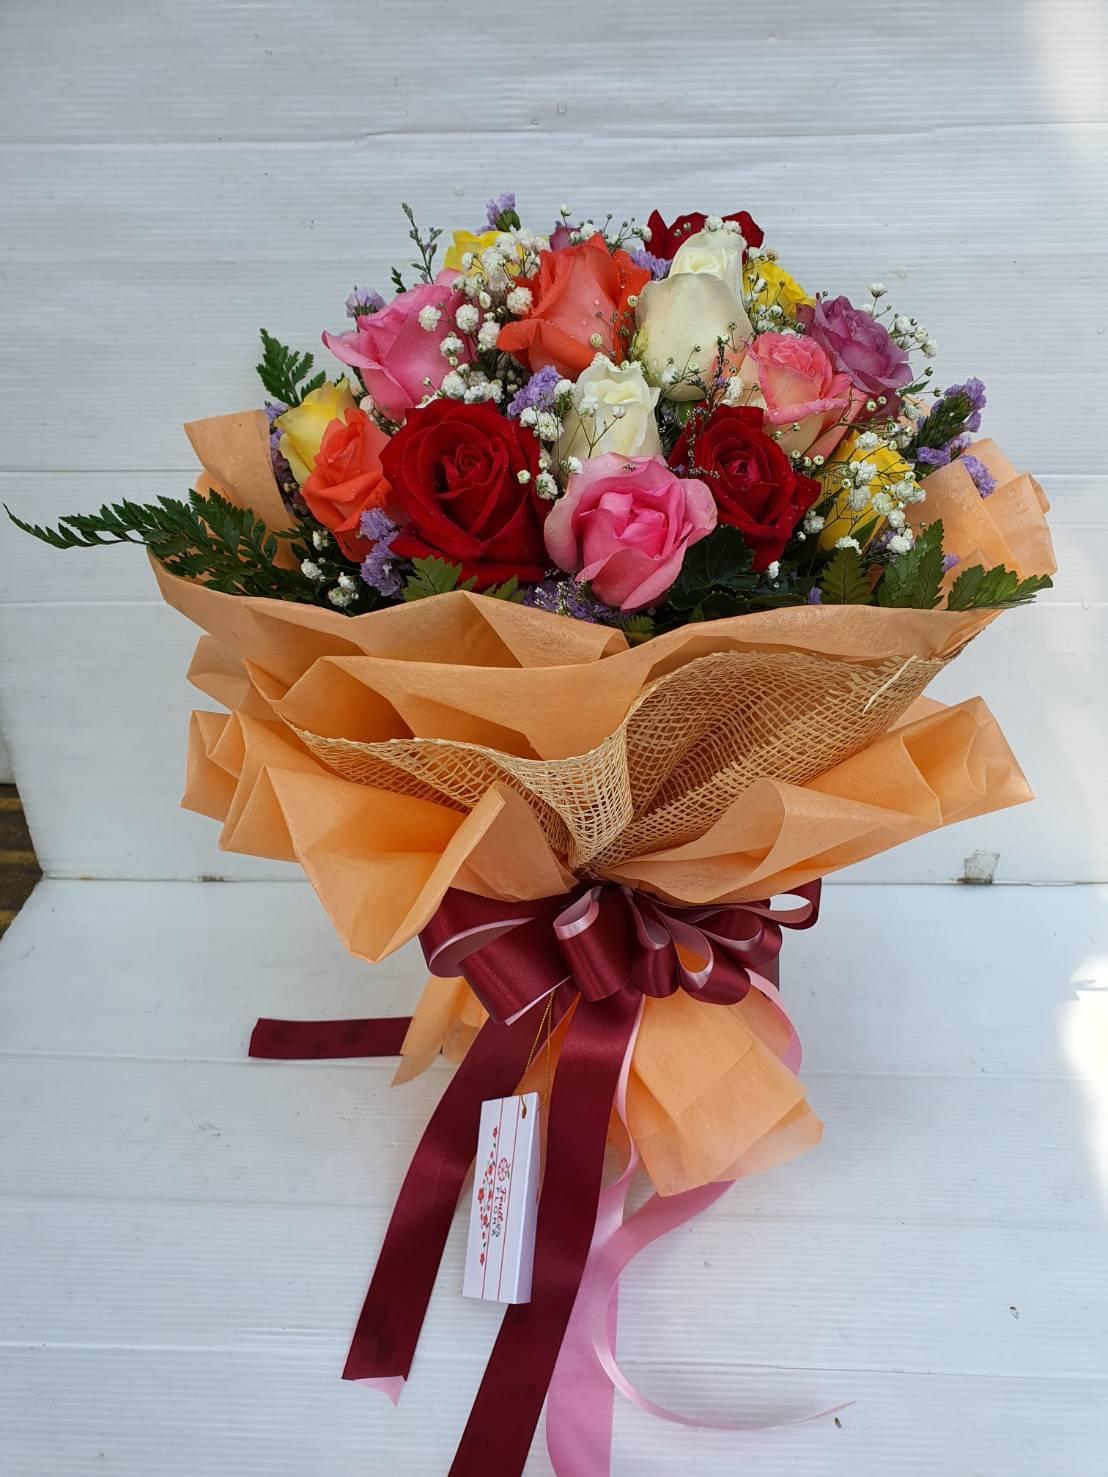 ช่อดอกไม้สวย ๆ เลือกใช้ดอกกุหลาบหลากสีมาจัดองค์ประกอบที่ลงตัว